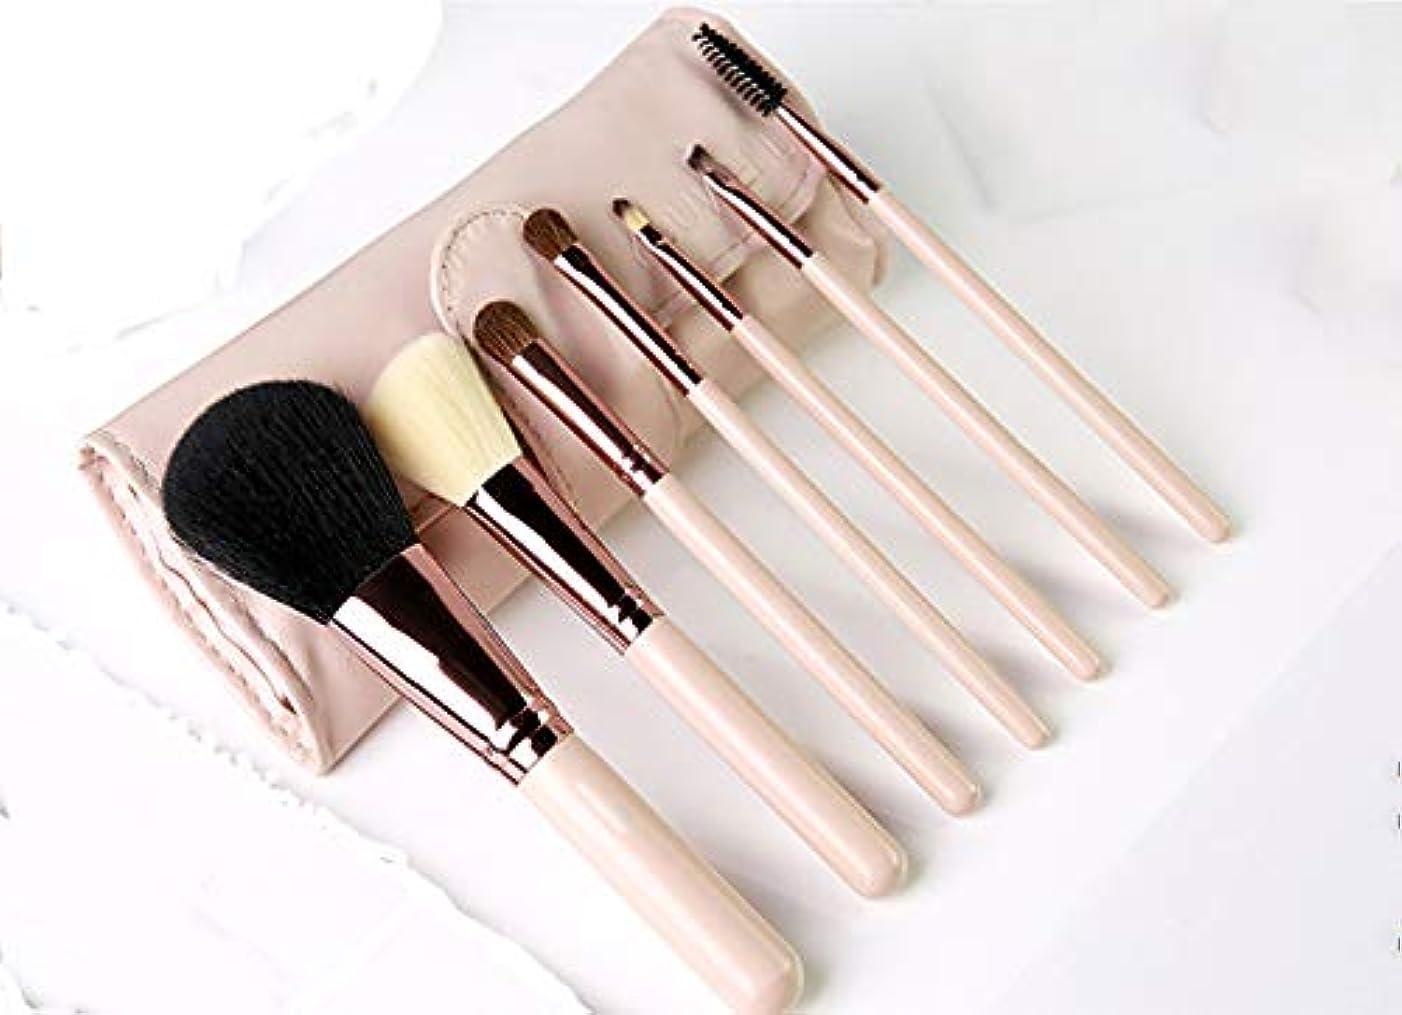 文マイル結論NORIDA メイクブラシ 化粧ブラシ 化粧筆 メイクブラシ7本セット 馬毛&高級纤维毛を使用 レザー化粧ポーチ付き